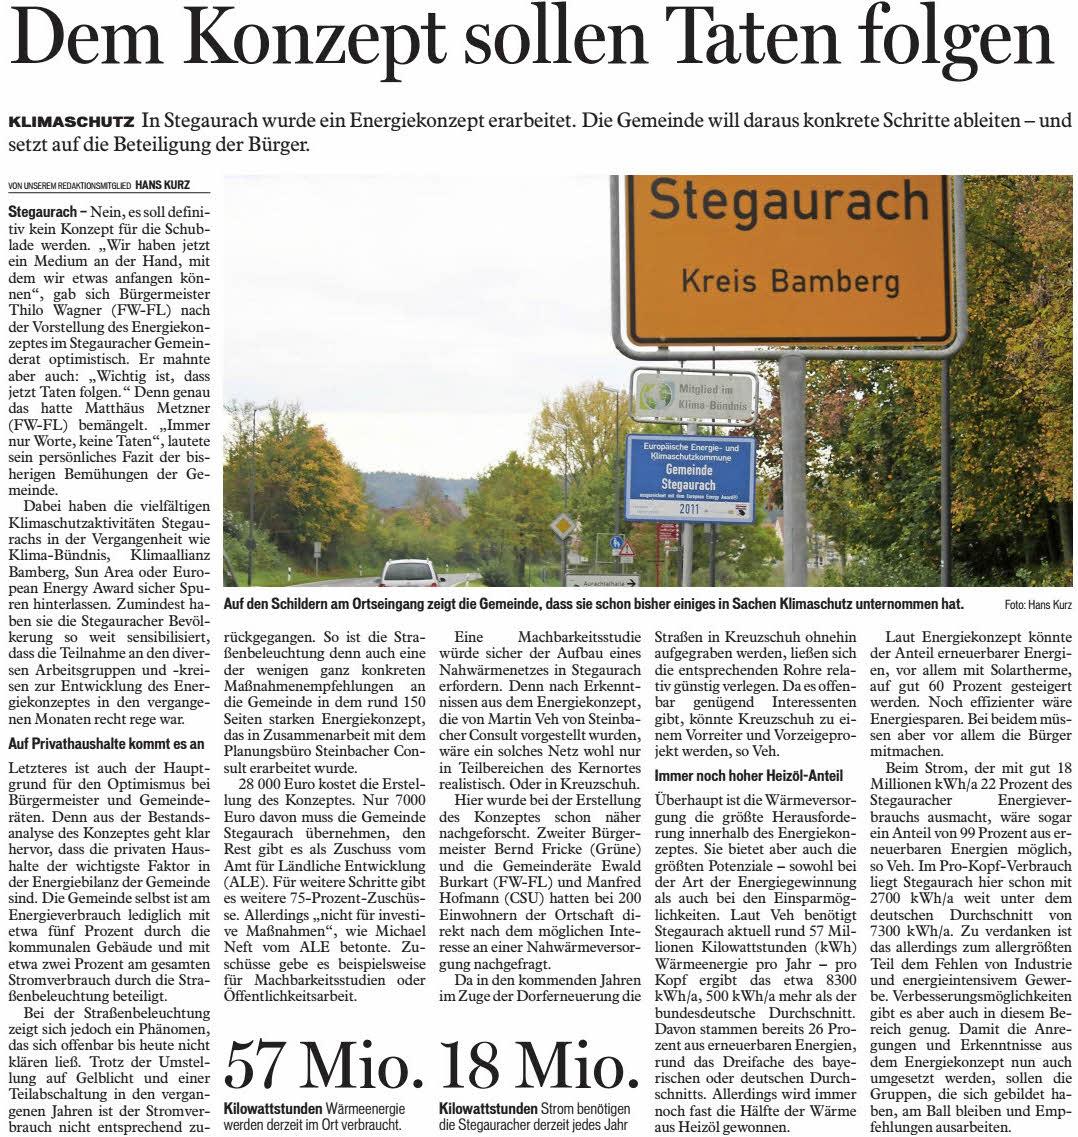 Kommunales-Energiekonzept-Stegaurach